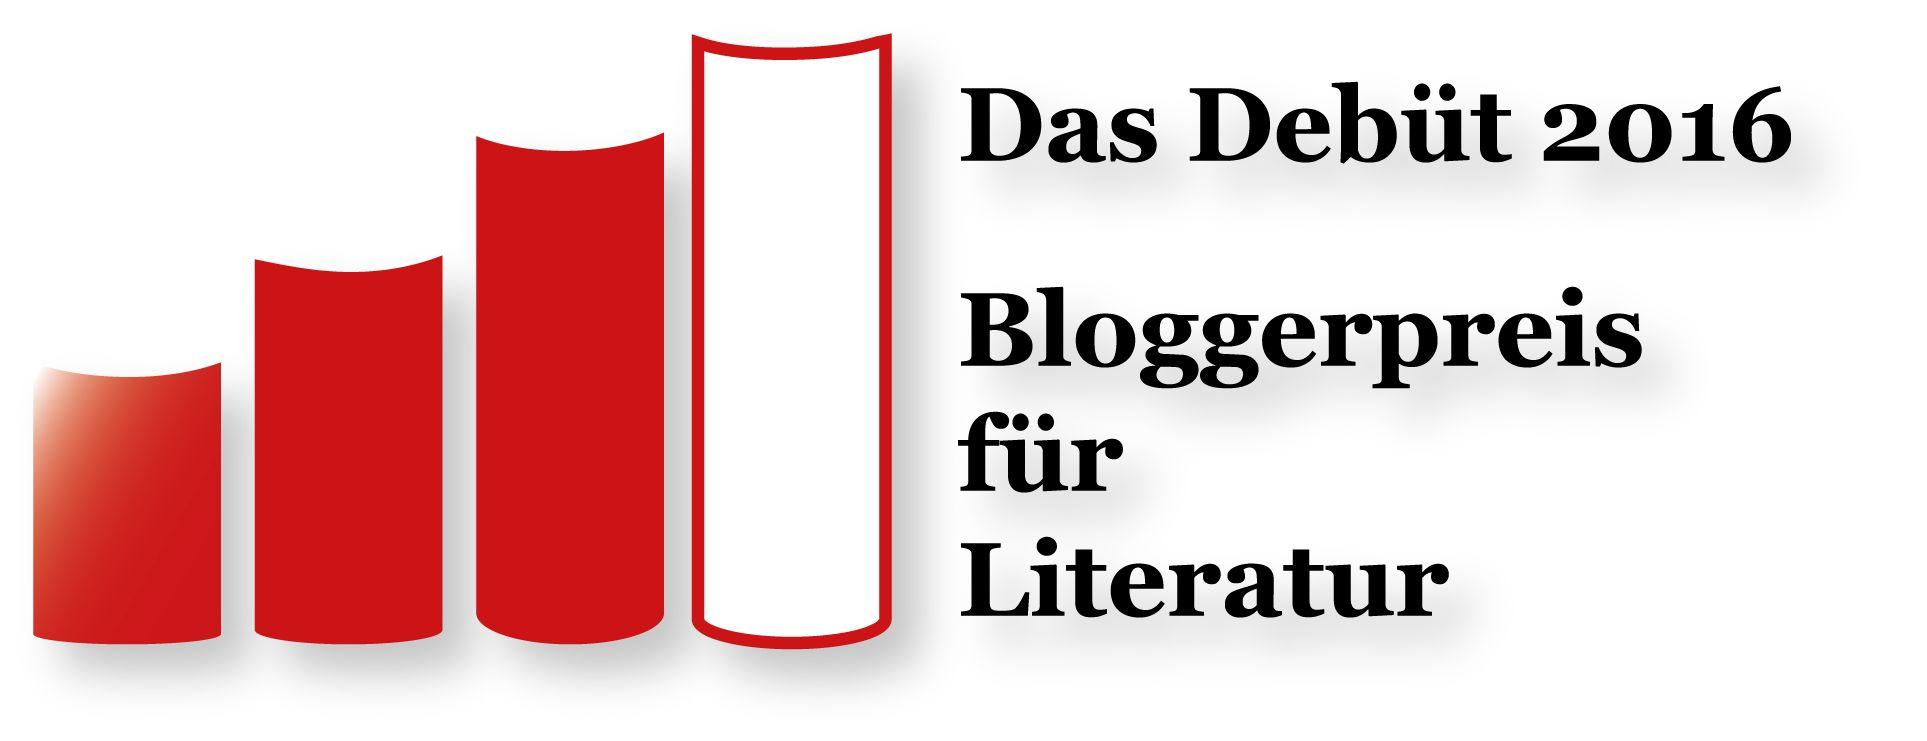 Bloggerpreis2016